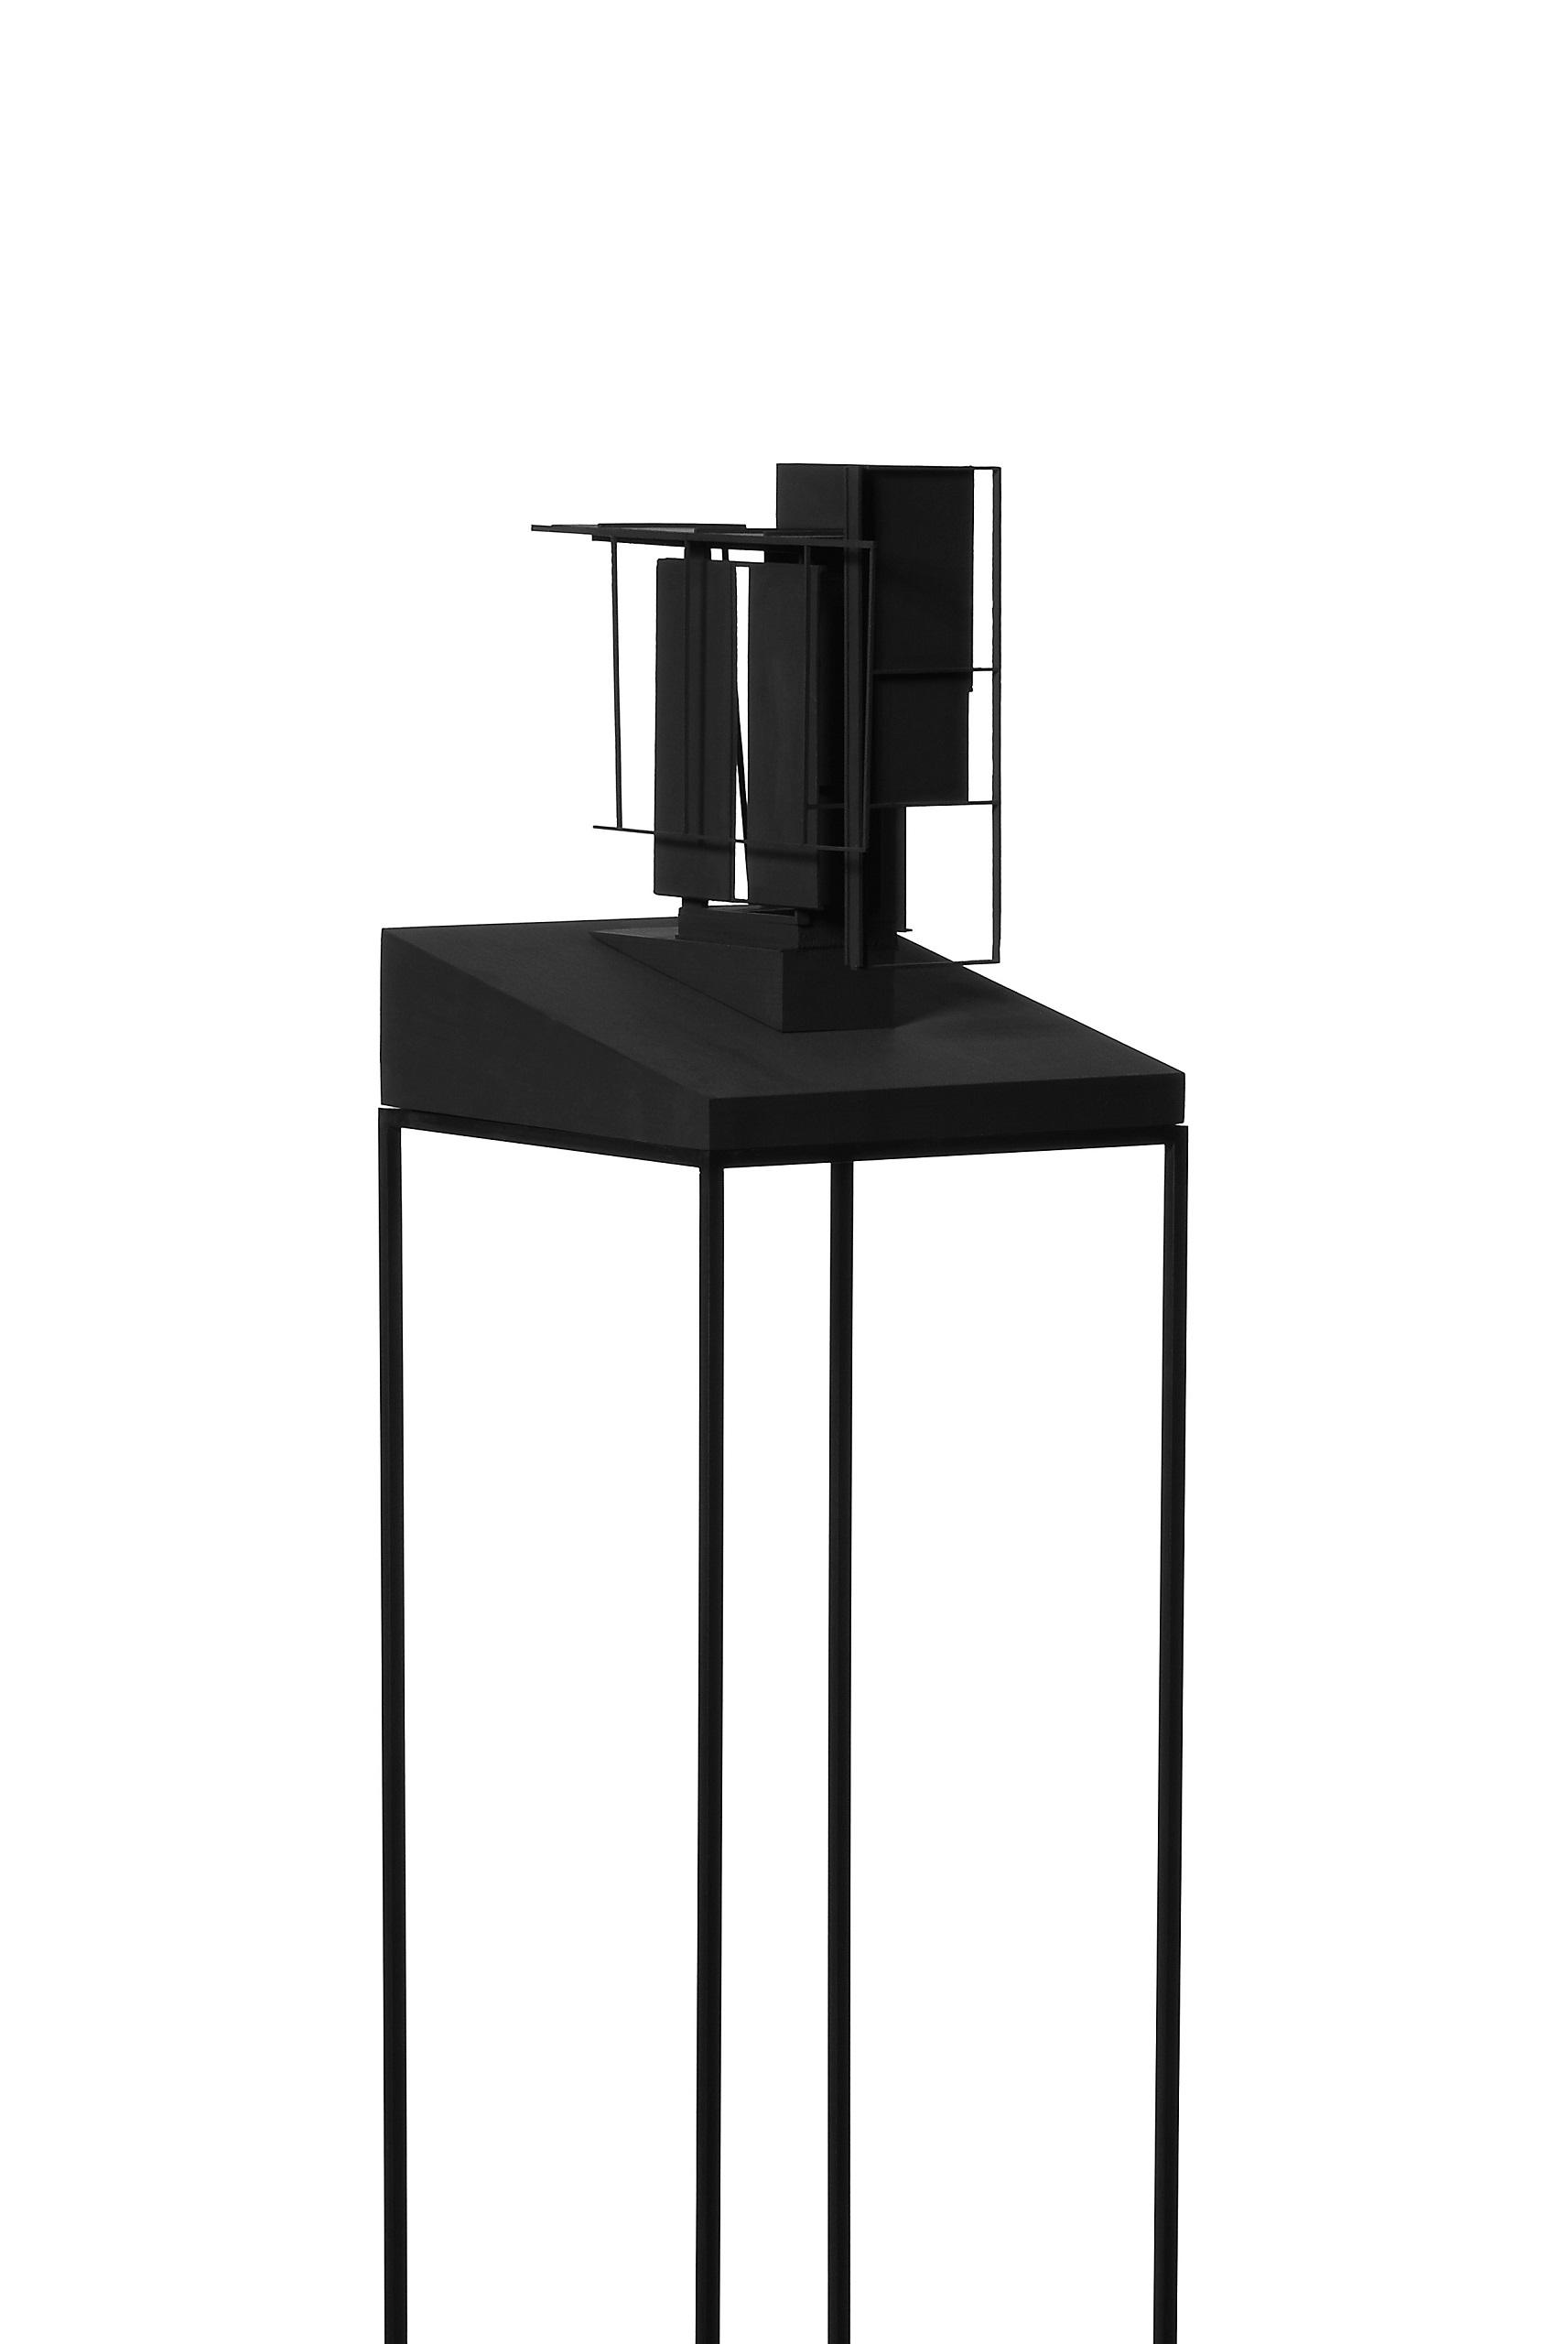 Karl-Heinz Bogner, Ohne Titel, 2005, Holz, Karton, MDF, Acrylfarbe, Höhe mit Stahlgestell: 1,40 m